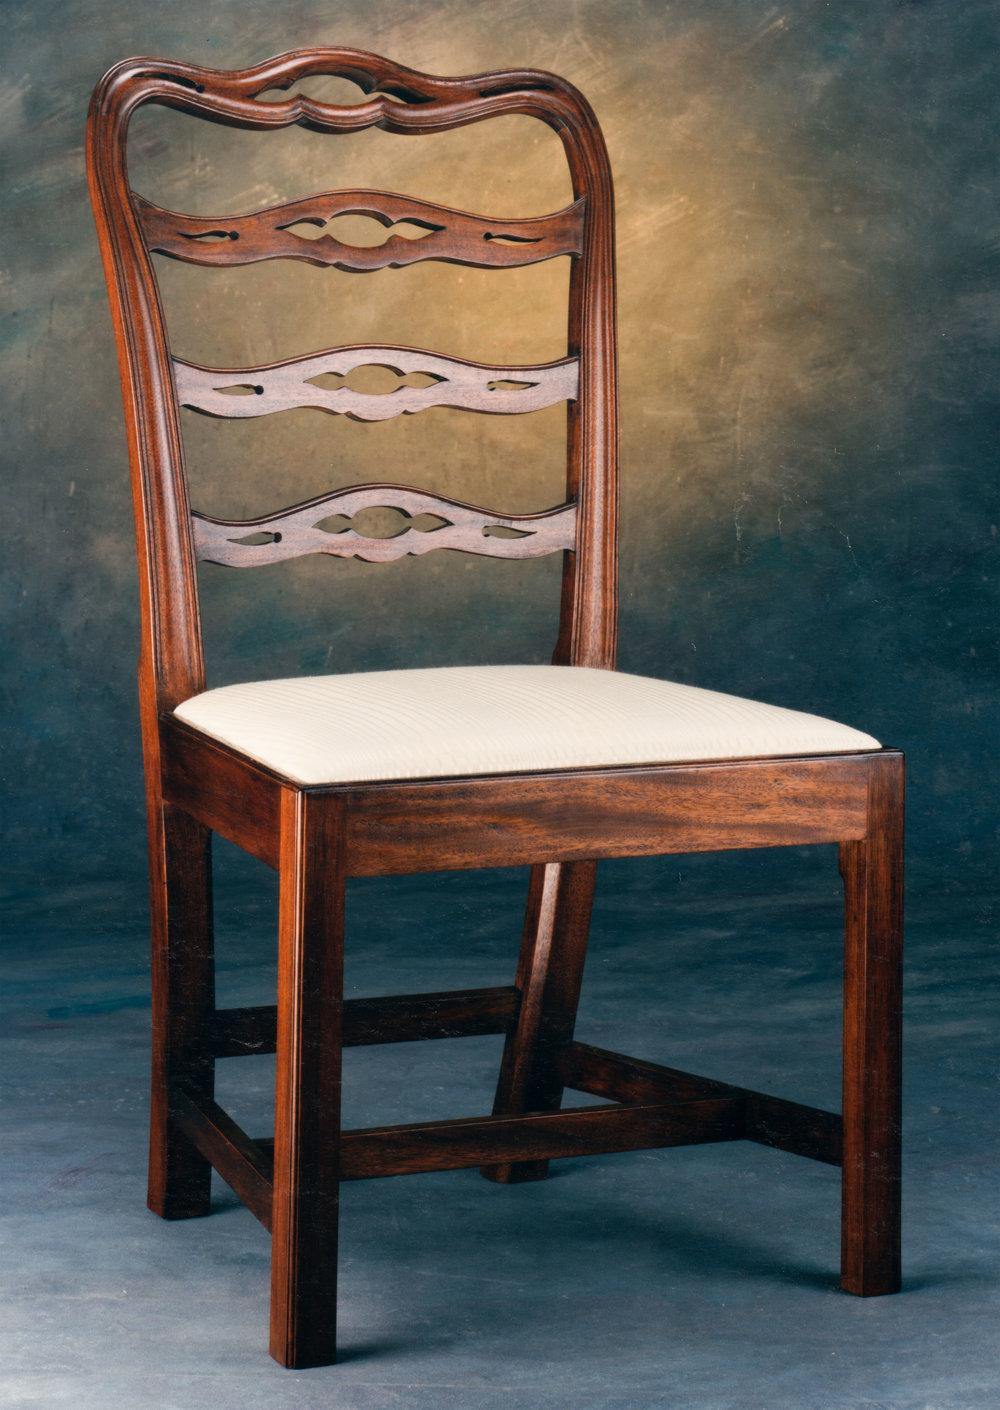 repro-c1790_Philadelphia_MidAtlantic_chair-01